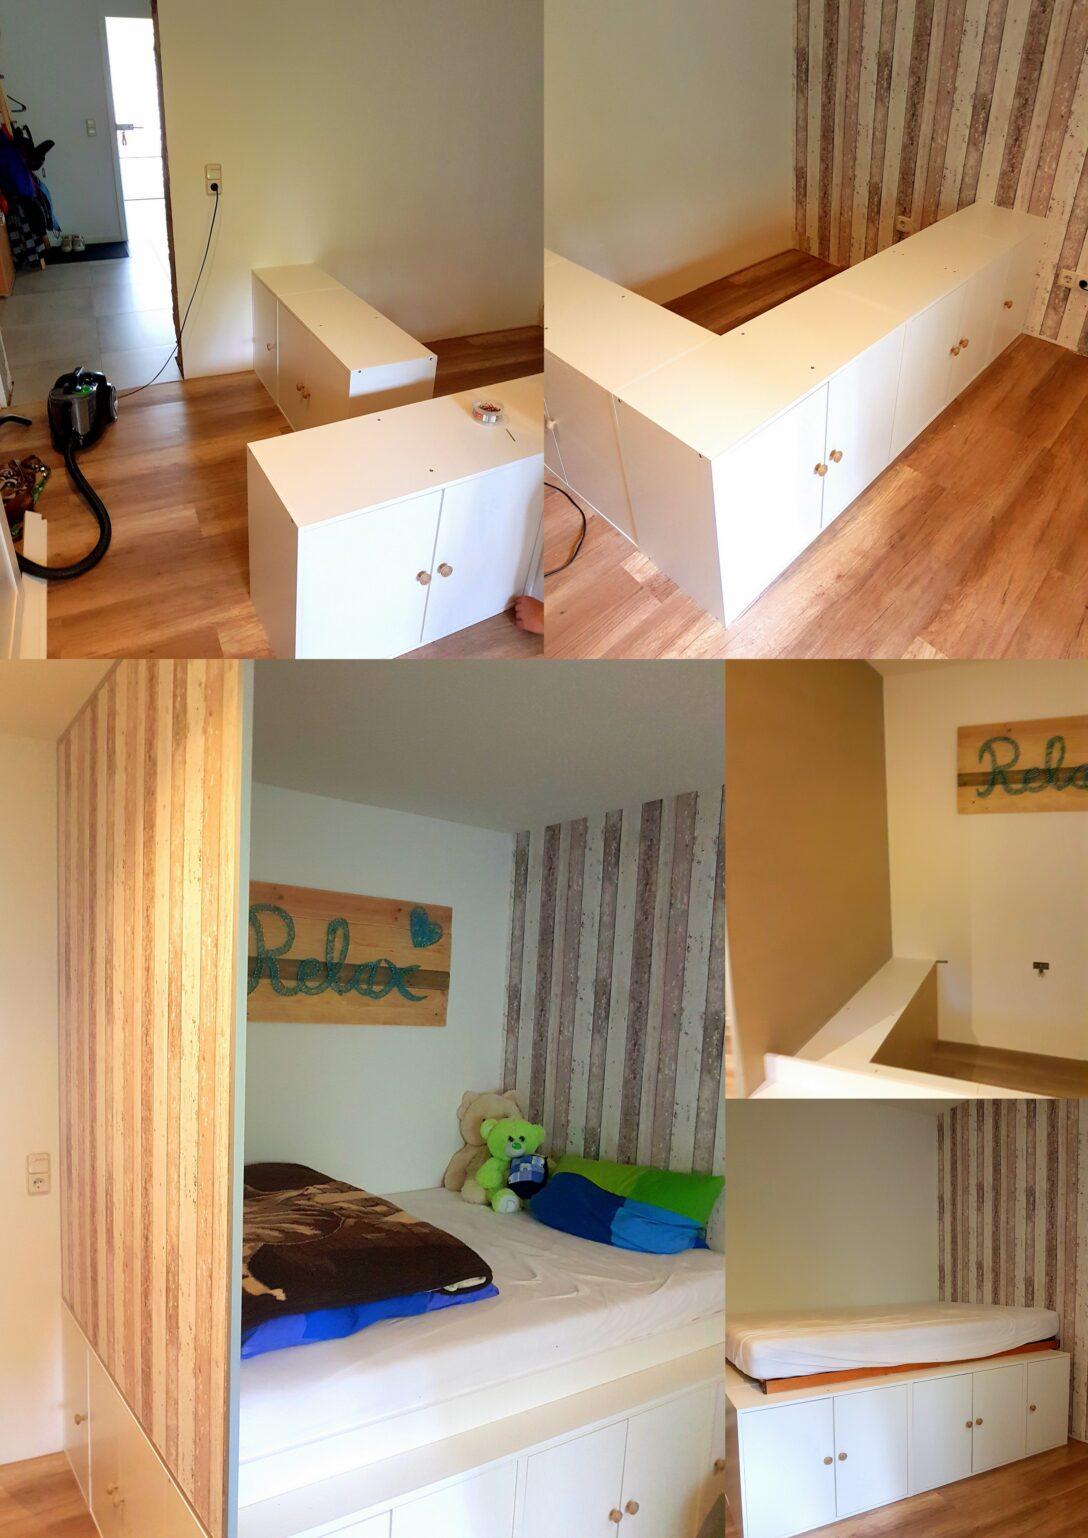 Large Size of Ikea Jugendzimmer Diy Hochbett Mit Kchenschrnken Als Unterbau Betten 160x200 Sofa Miniküche Küche Kaufen Kosten Schlaffunktion Bett Bei Modulküche Wohnzimmer Ikea Jugendzimmer